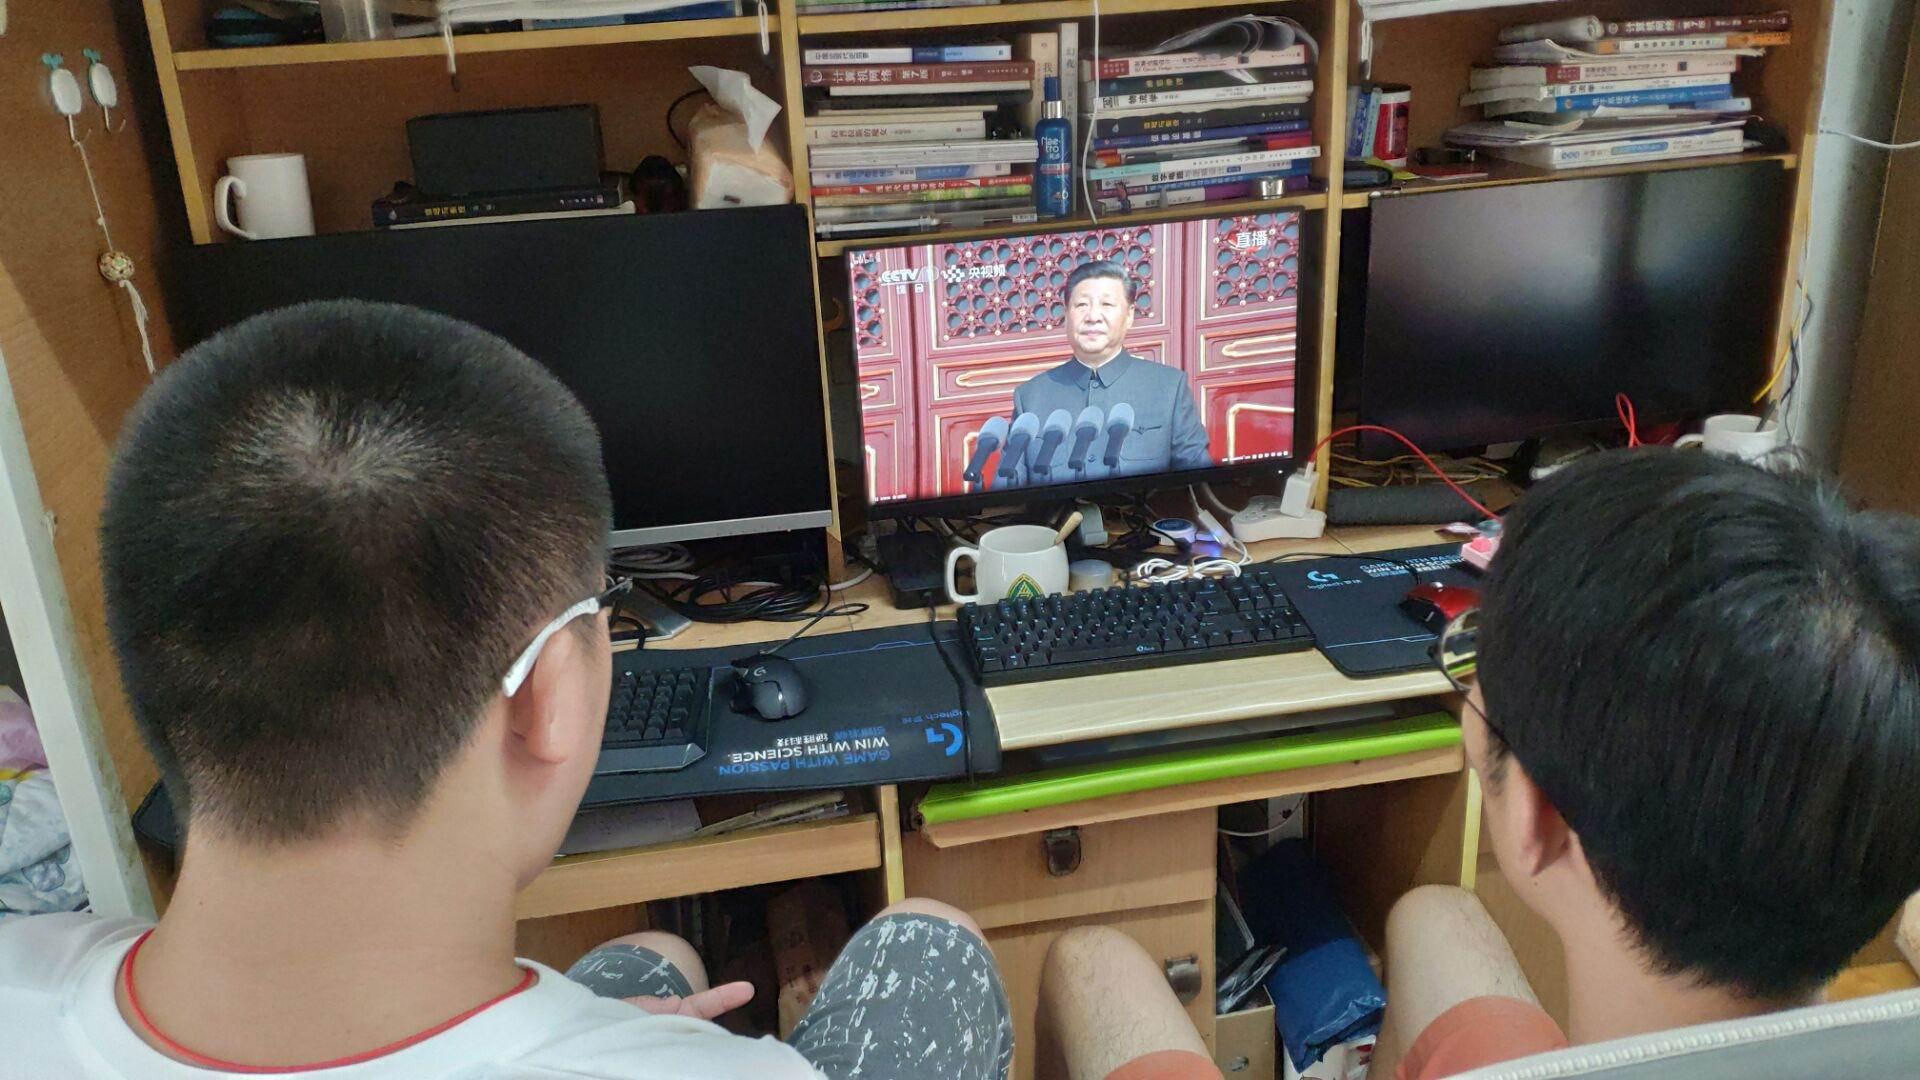 7 学生在宿舍收看直播.jpg